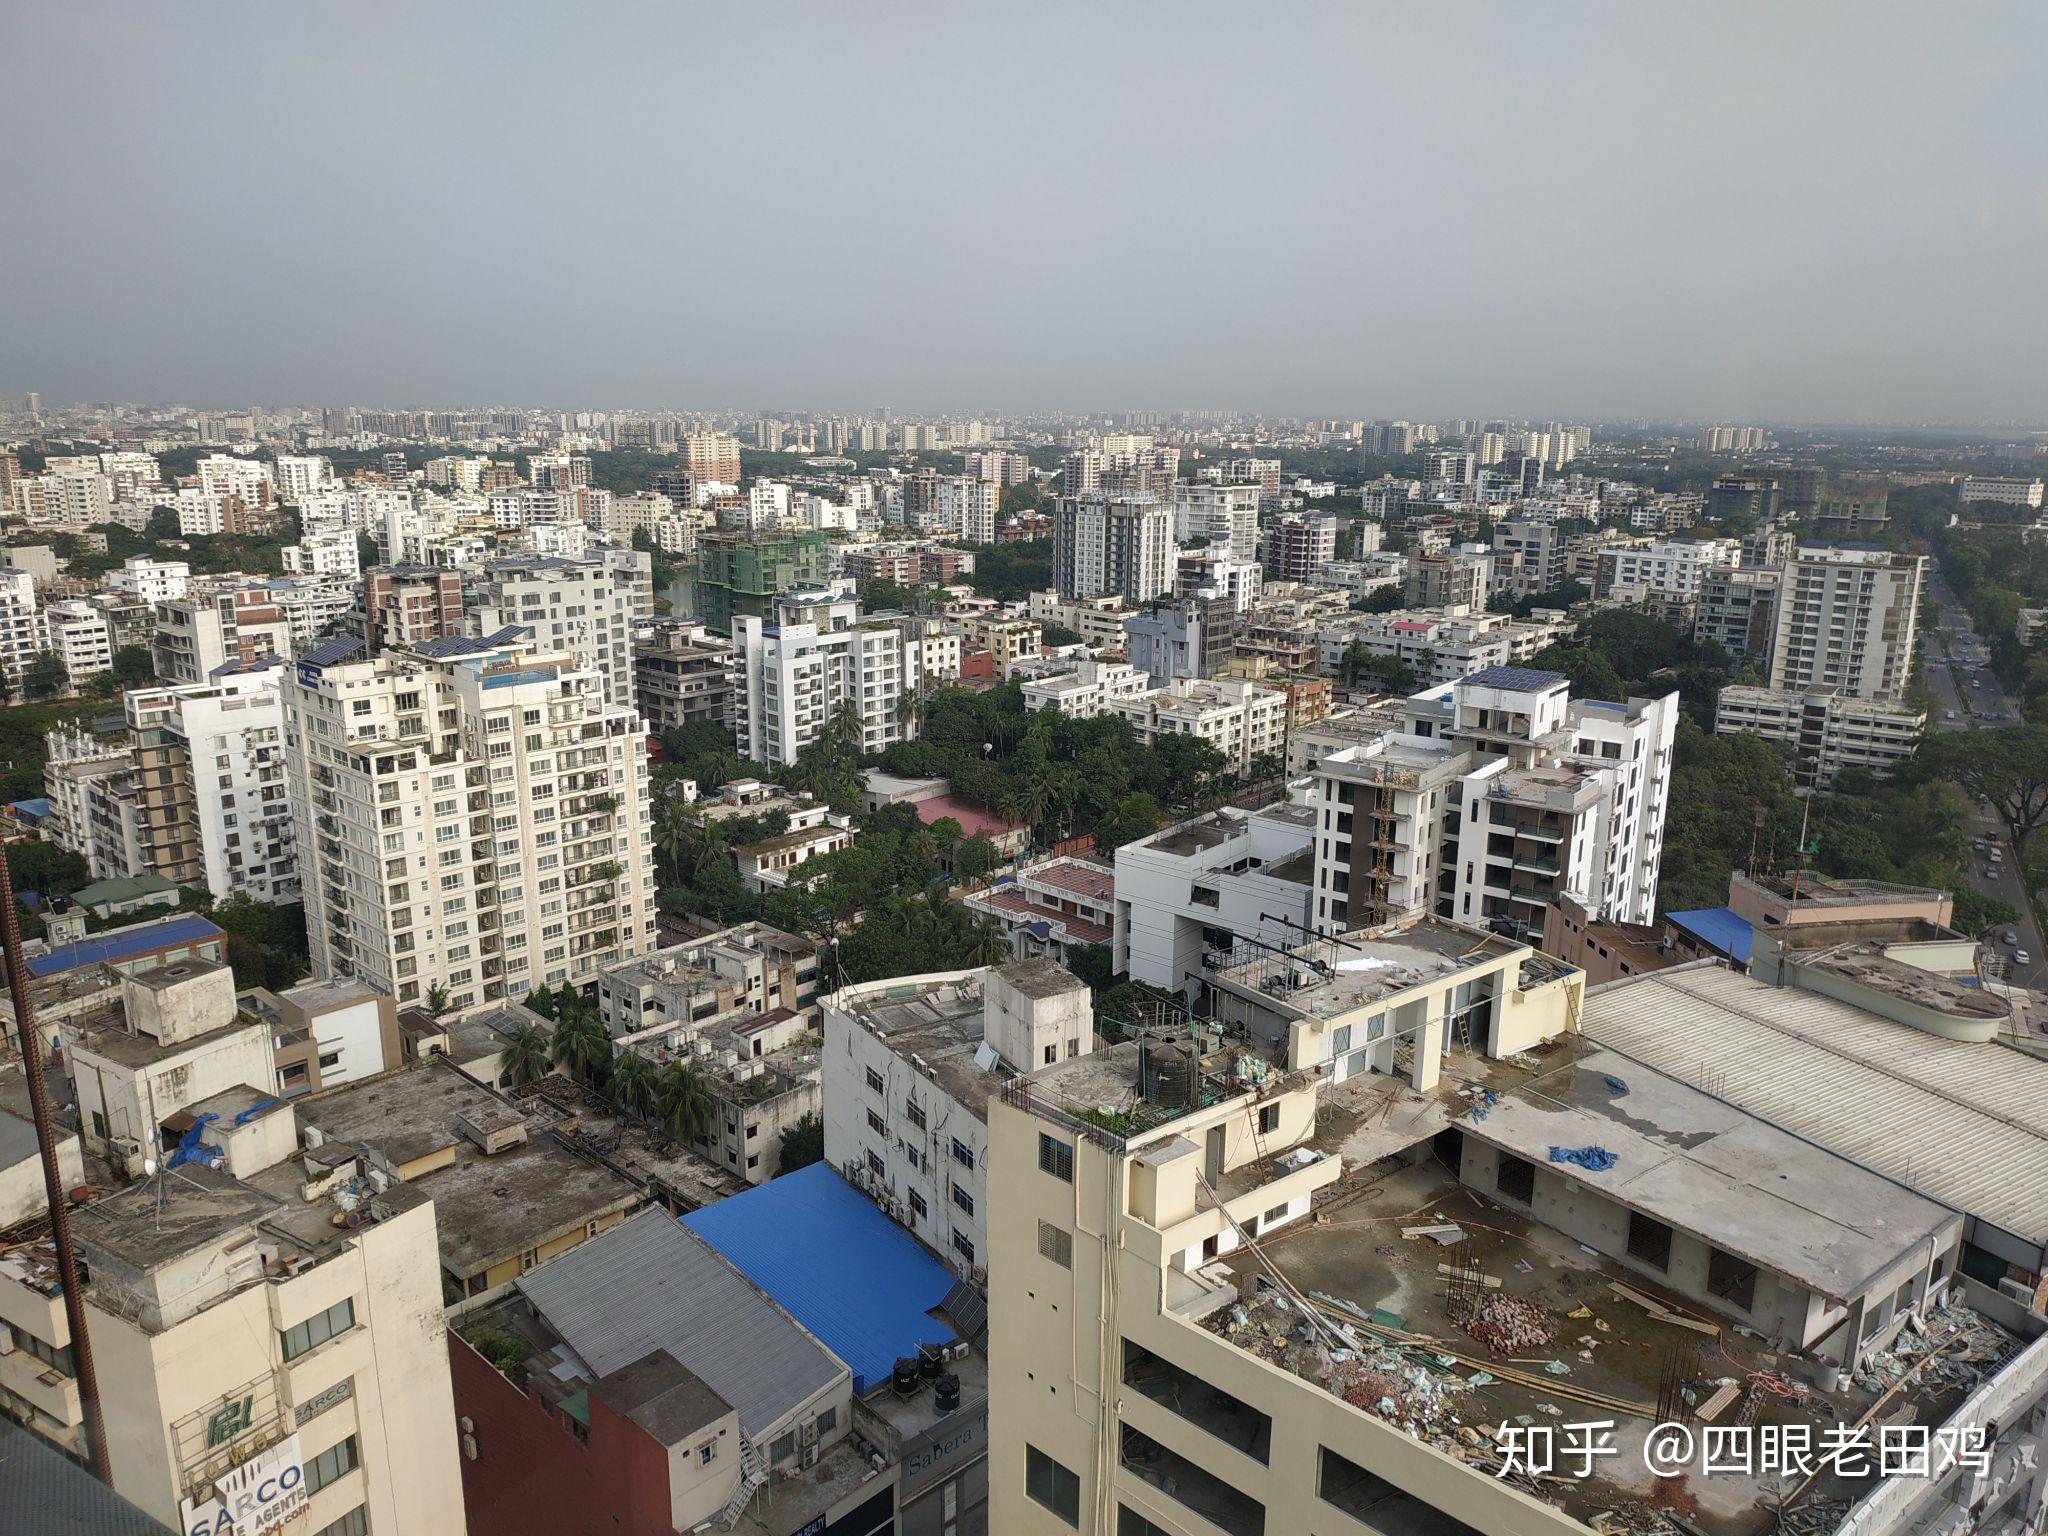 孟加拉国首都达卡城市综合水平相当于中国哪个